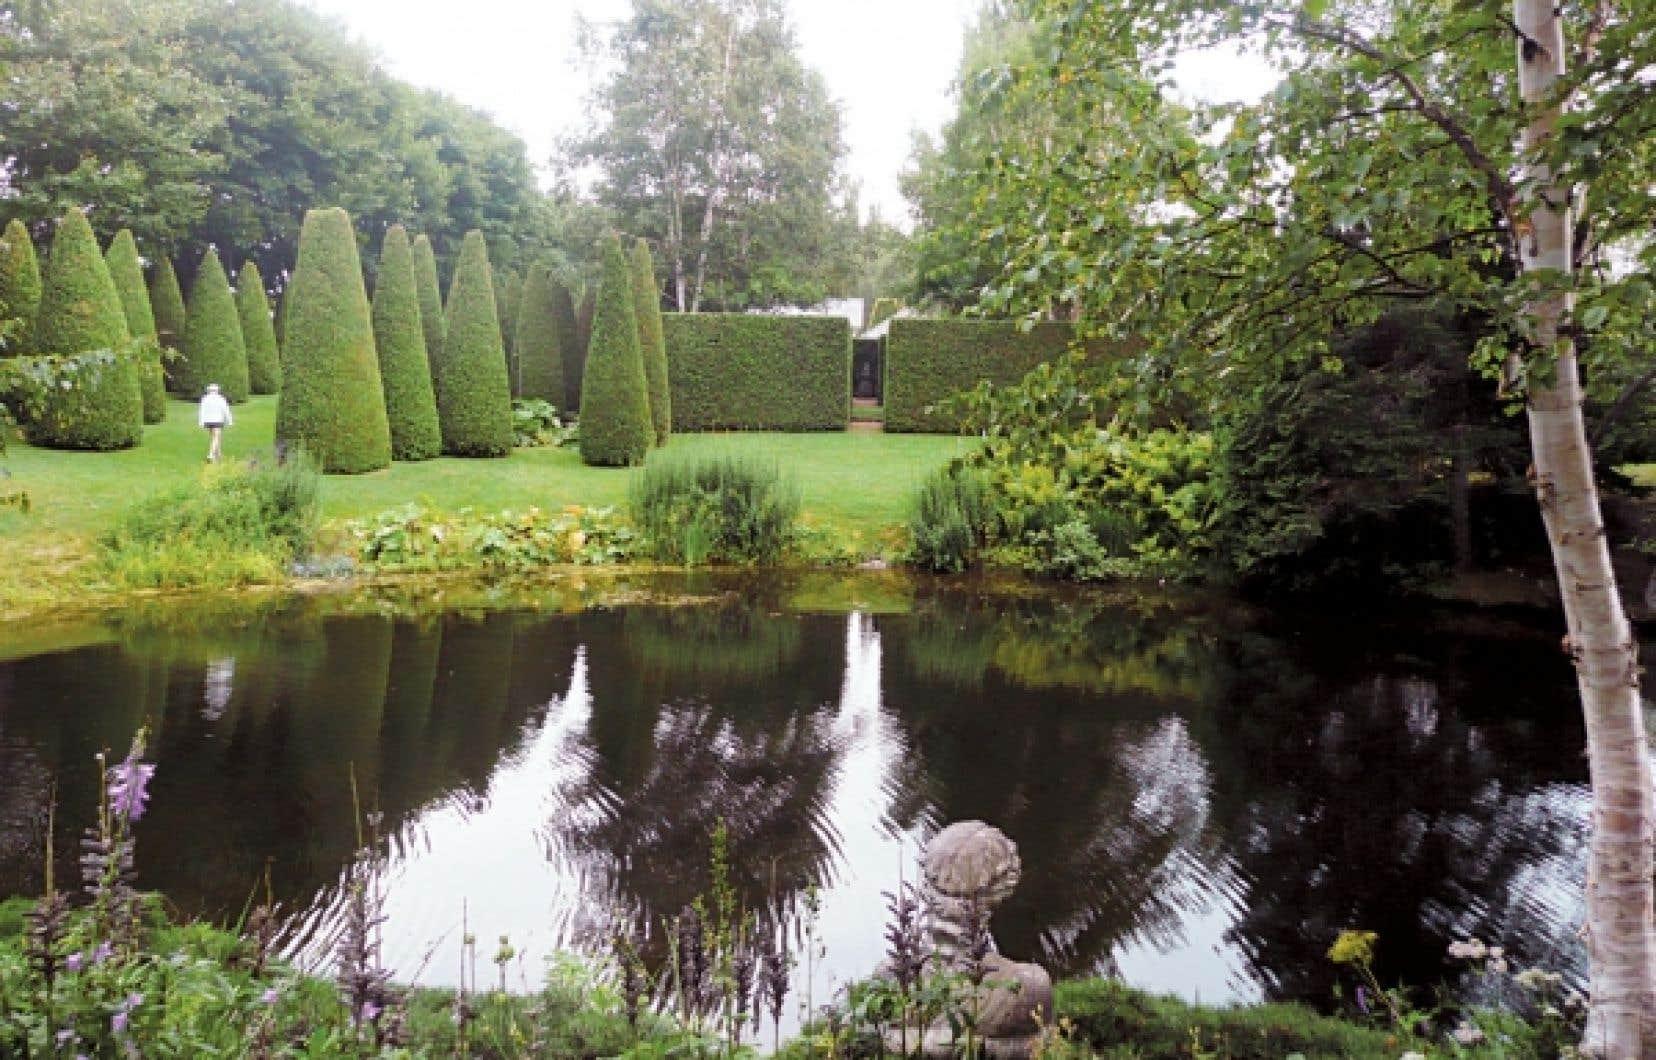 <div> Les jardins de Quatre-Vents, dans Charlevoix, font partie des grands jardins privés de l'Amérique du Nord. Voici l'impeccable et impressionnante allée des thuyas et, à l'avant-plan, le lac des Libellules.</div>